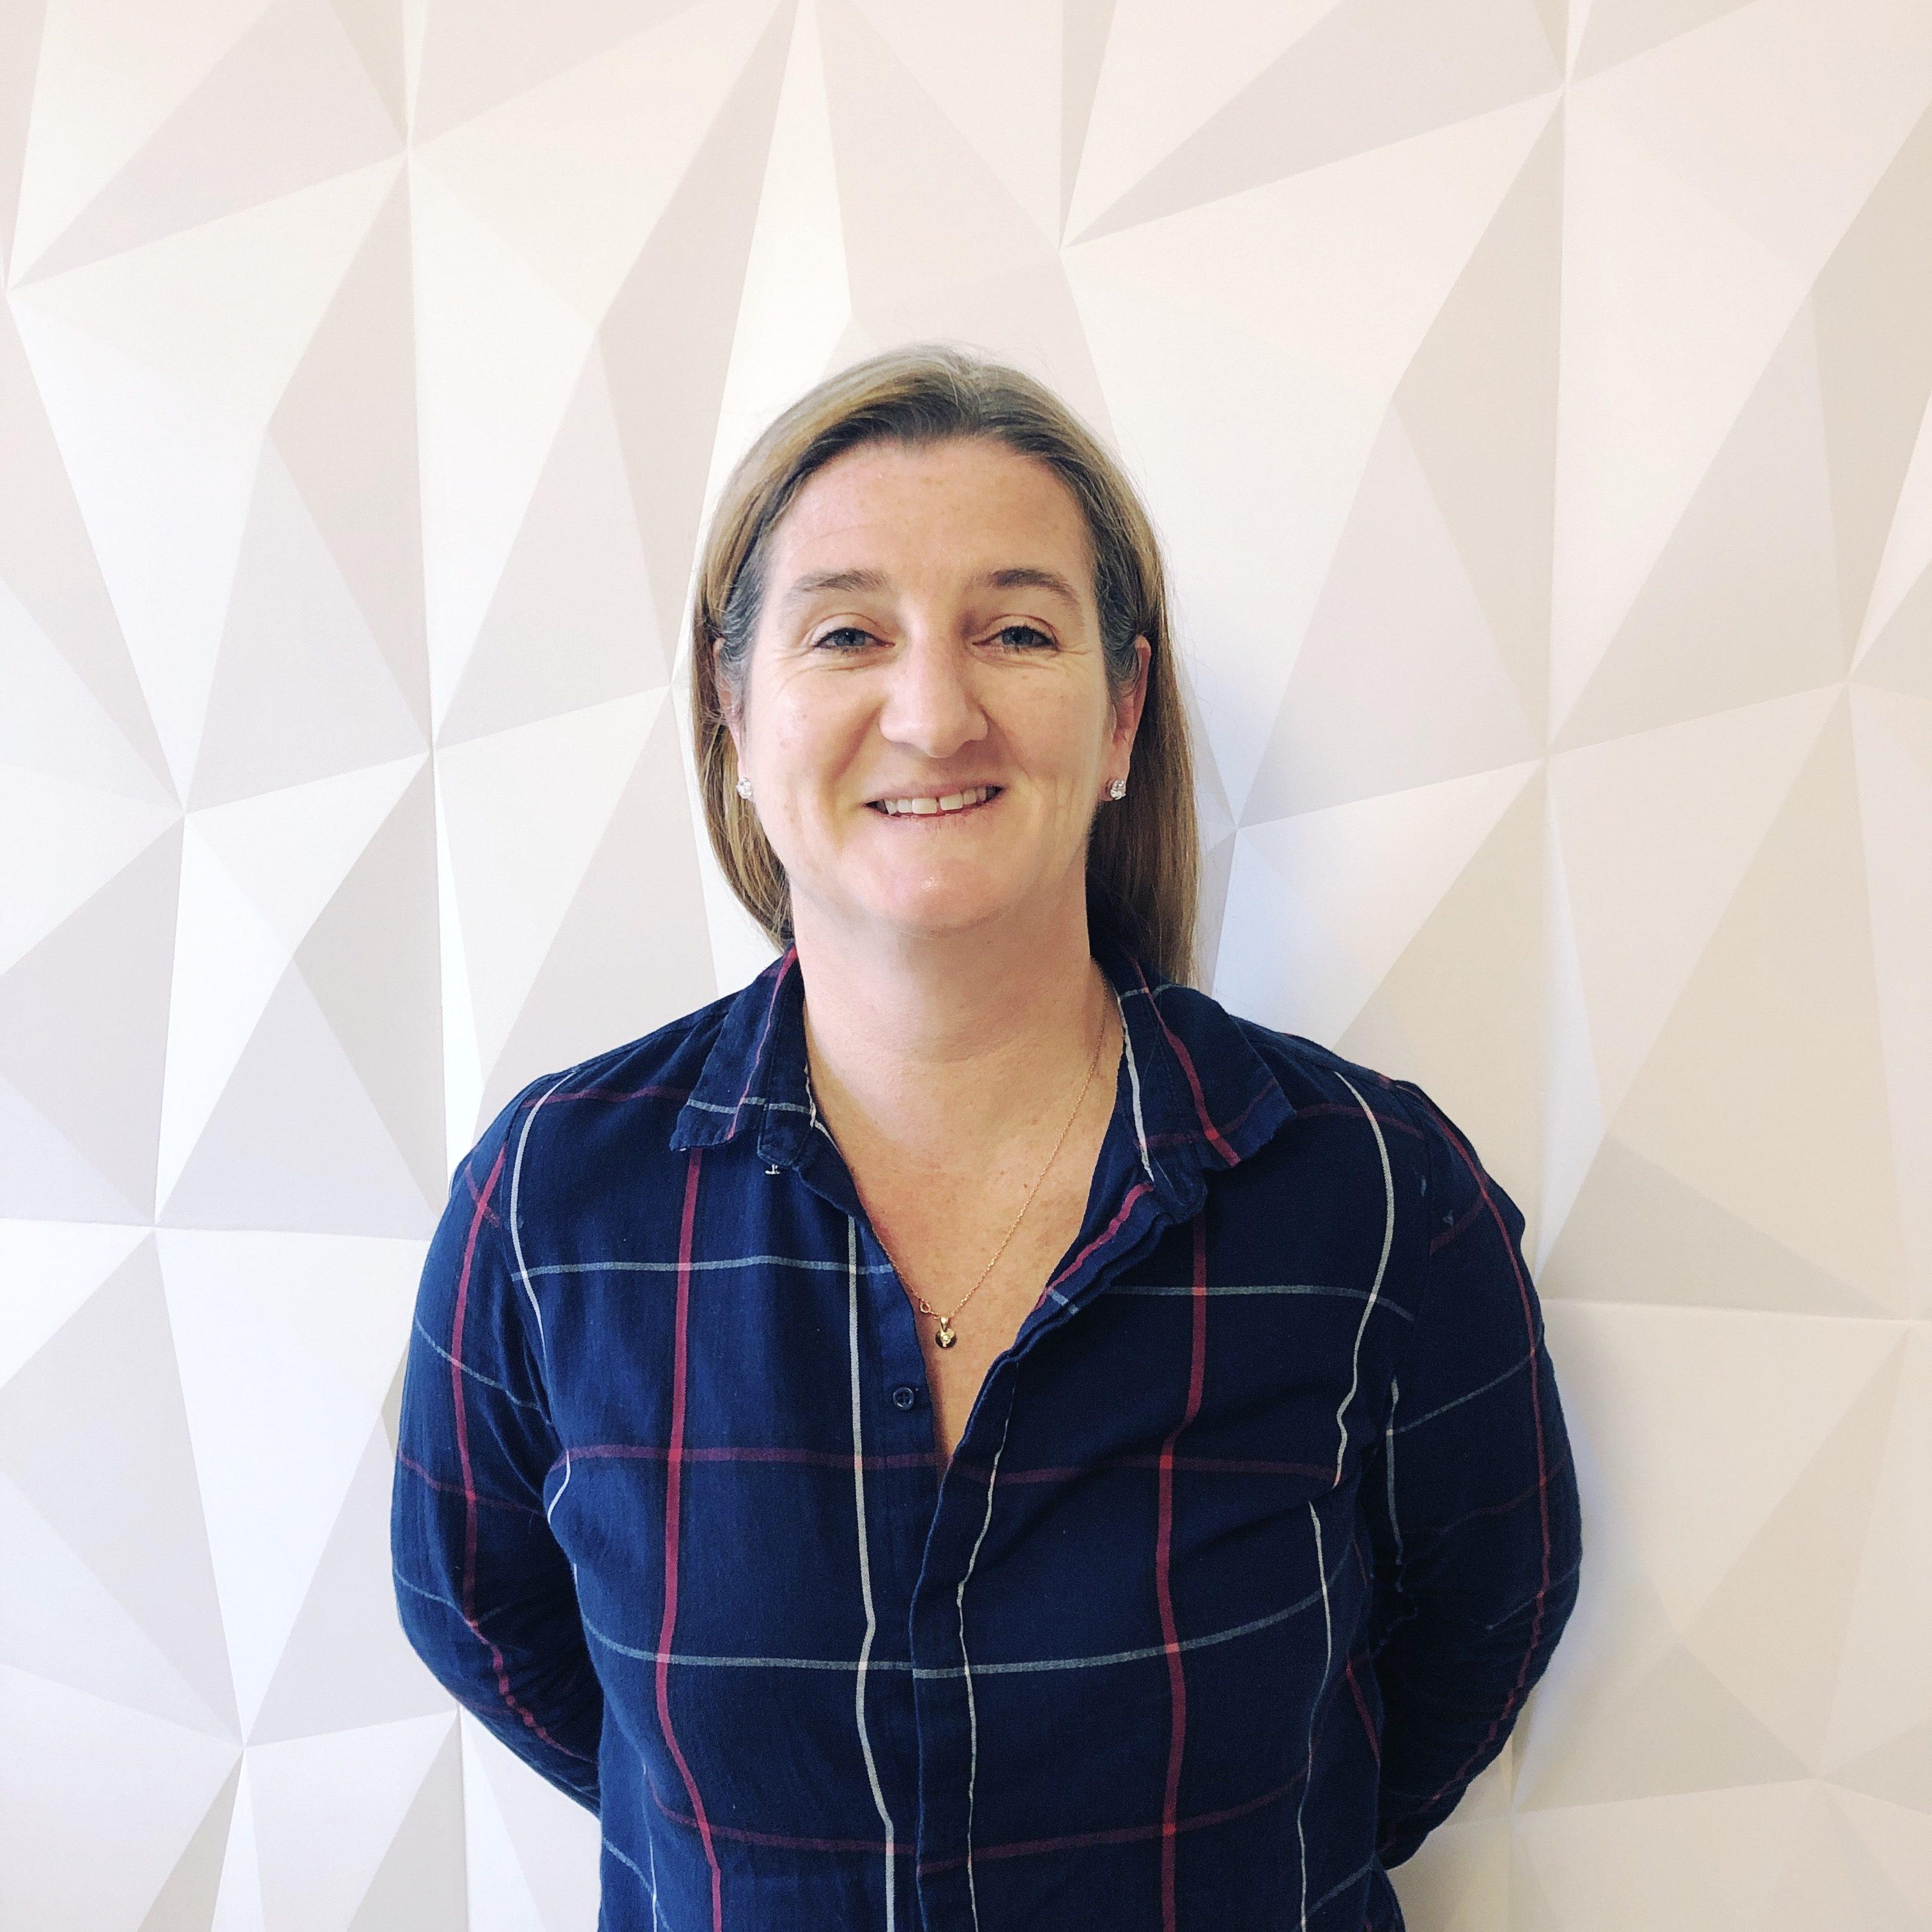 Portrait - Anne LEVEQUE - Secrétaire d'Accueil / Collaboratrice de notaire